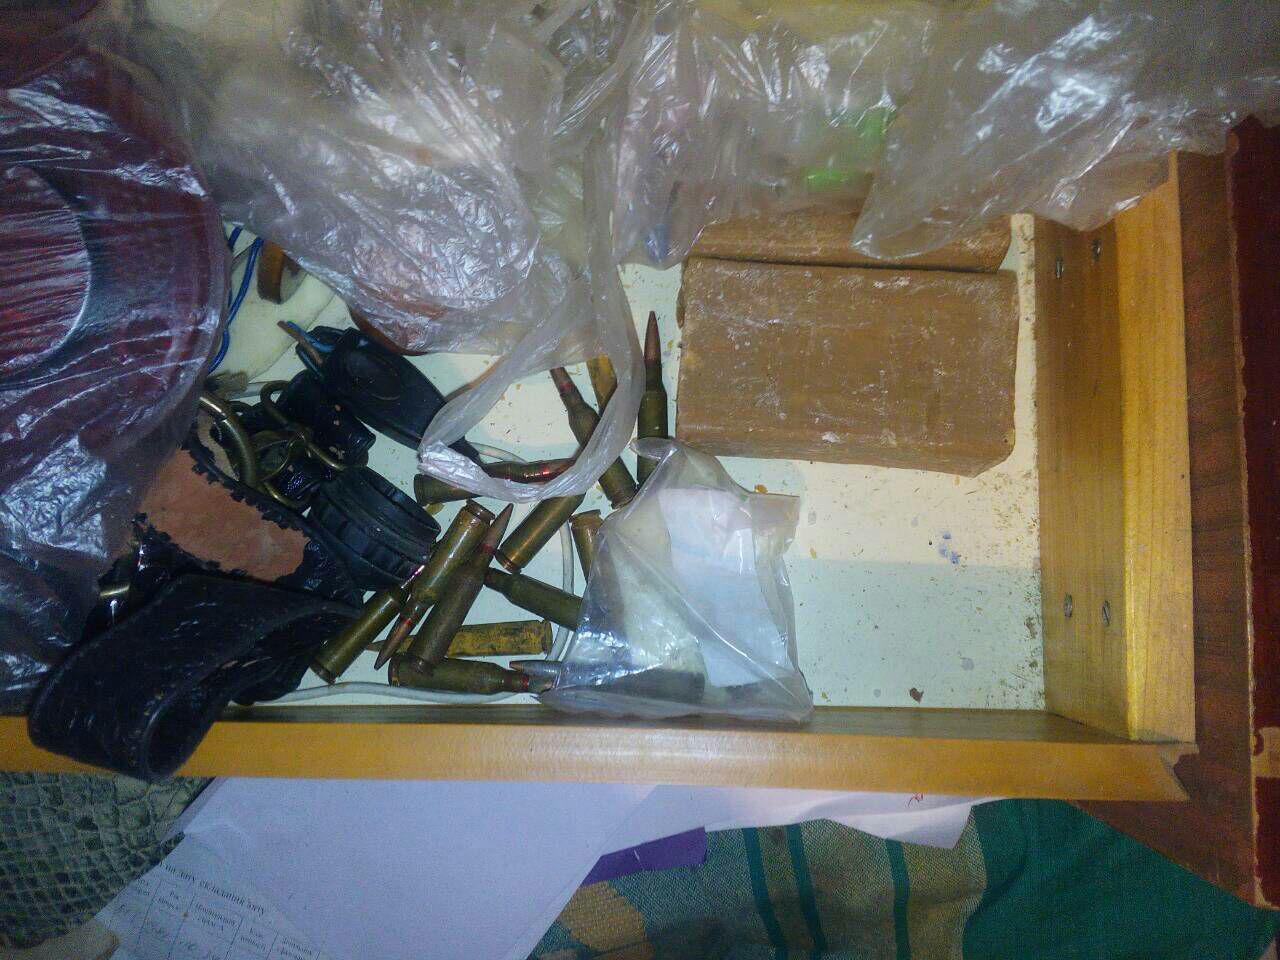 Прощай, оружие: Самодельное ружьё, нож и патроны изъяли у дружковского пенсионера, фото-2